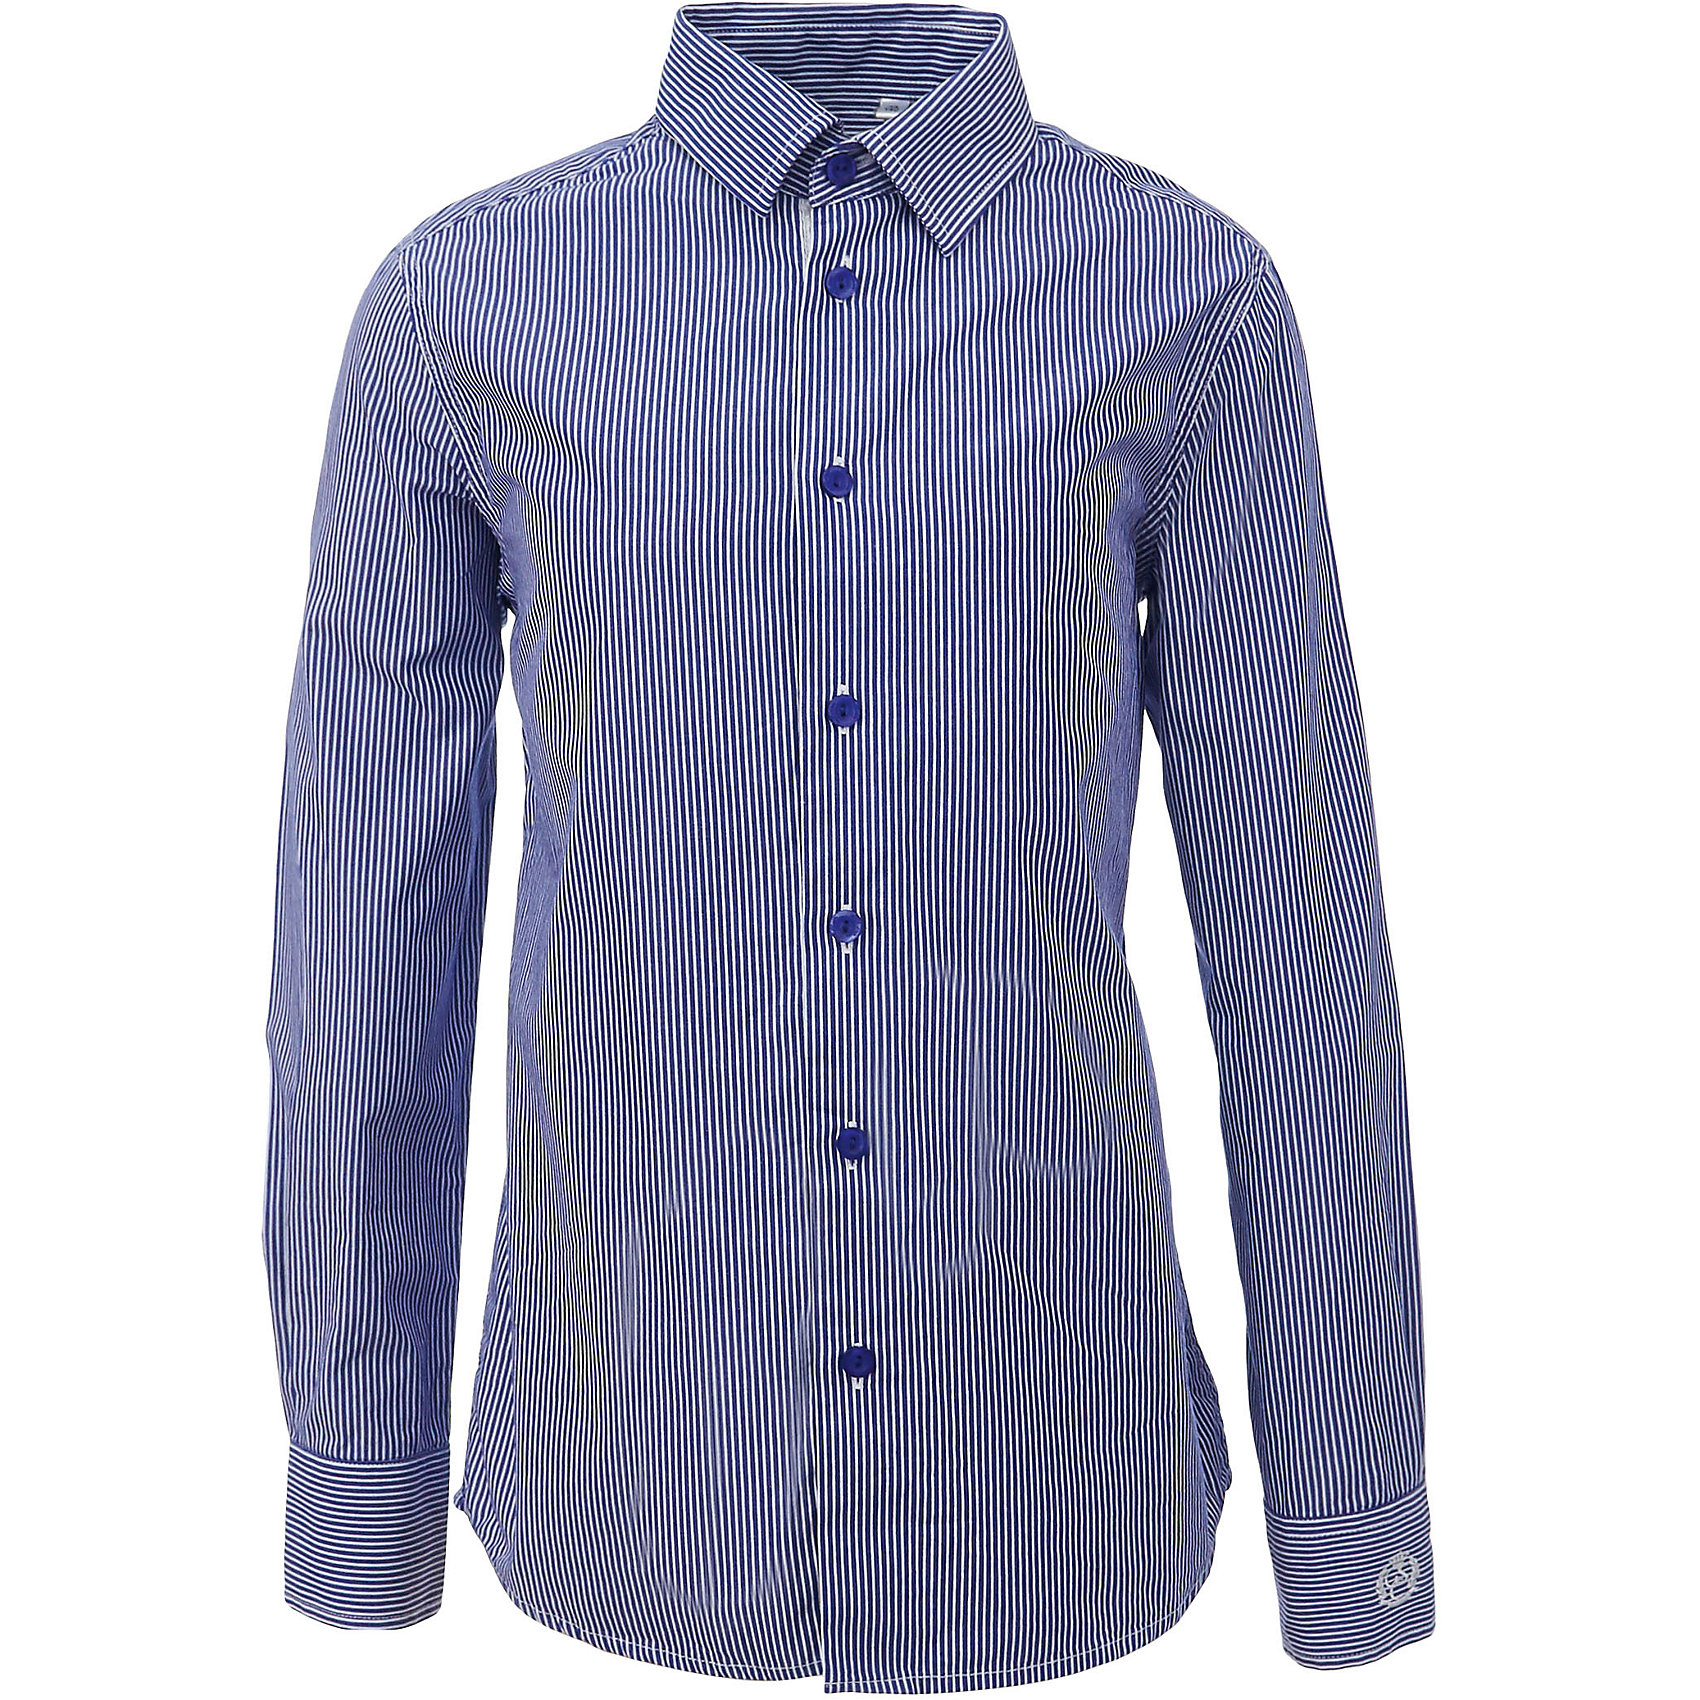 Рубашка для мальчика GulliverБлузки и рубашки<br>Синяя школьная рубашка в полоску - классика жанра! Строгая, лаконичная, элегантная, синяя рубашка для школы настроит на серьезный и ответственный подход к делу. Хороший состав, качество и текстура ткани, модный силуэт, актуальная форма воротника делают рубашку отличным решением на каждый день, позволяющим ребенку чувствовать себя уверенно и достойно. Если вы хотите купить рубашку для ежедневного комфорта и отличного внешнего вида ребенка, детская рубашка от Gulliver - лучшее решение. Она сделает образ ученика стильным, свежим, интересным.<br>Состав:<br>80% хлопок          20% полиэстер<br><br>Ширина мм: 174<br>Глубина мм: 10<br>Высота мм: 169<br>Вес г: 157<br>Цвет: разноцветный<br>Возраст от месяцев: 168<br>Возраст до месяцев: 180<br>Пол: Мужской<br>Возраст: Детский<br>Размер: 170,122,128,134,140,146,152,158,164<br>SKU: 6678376